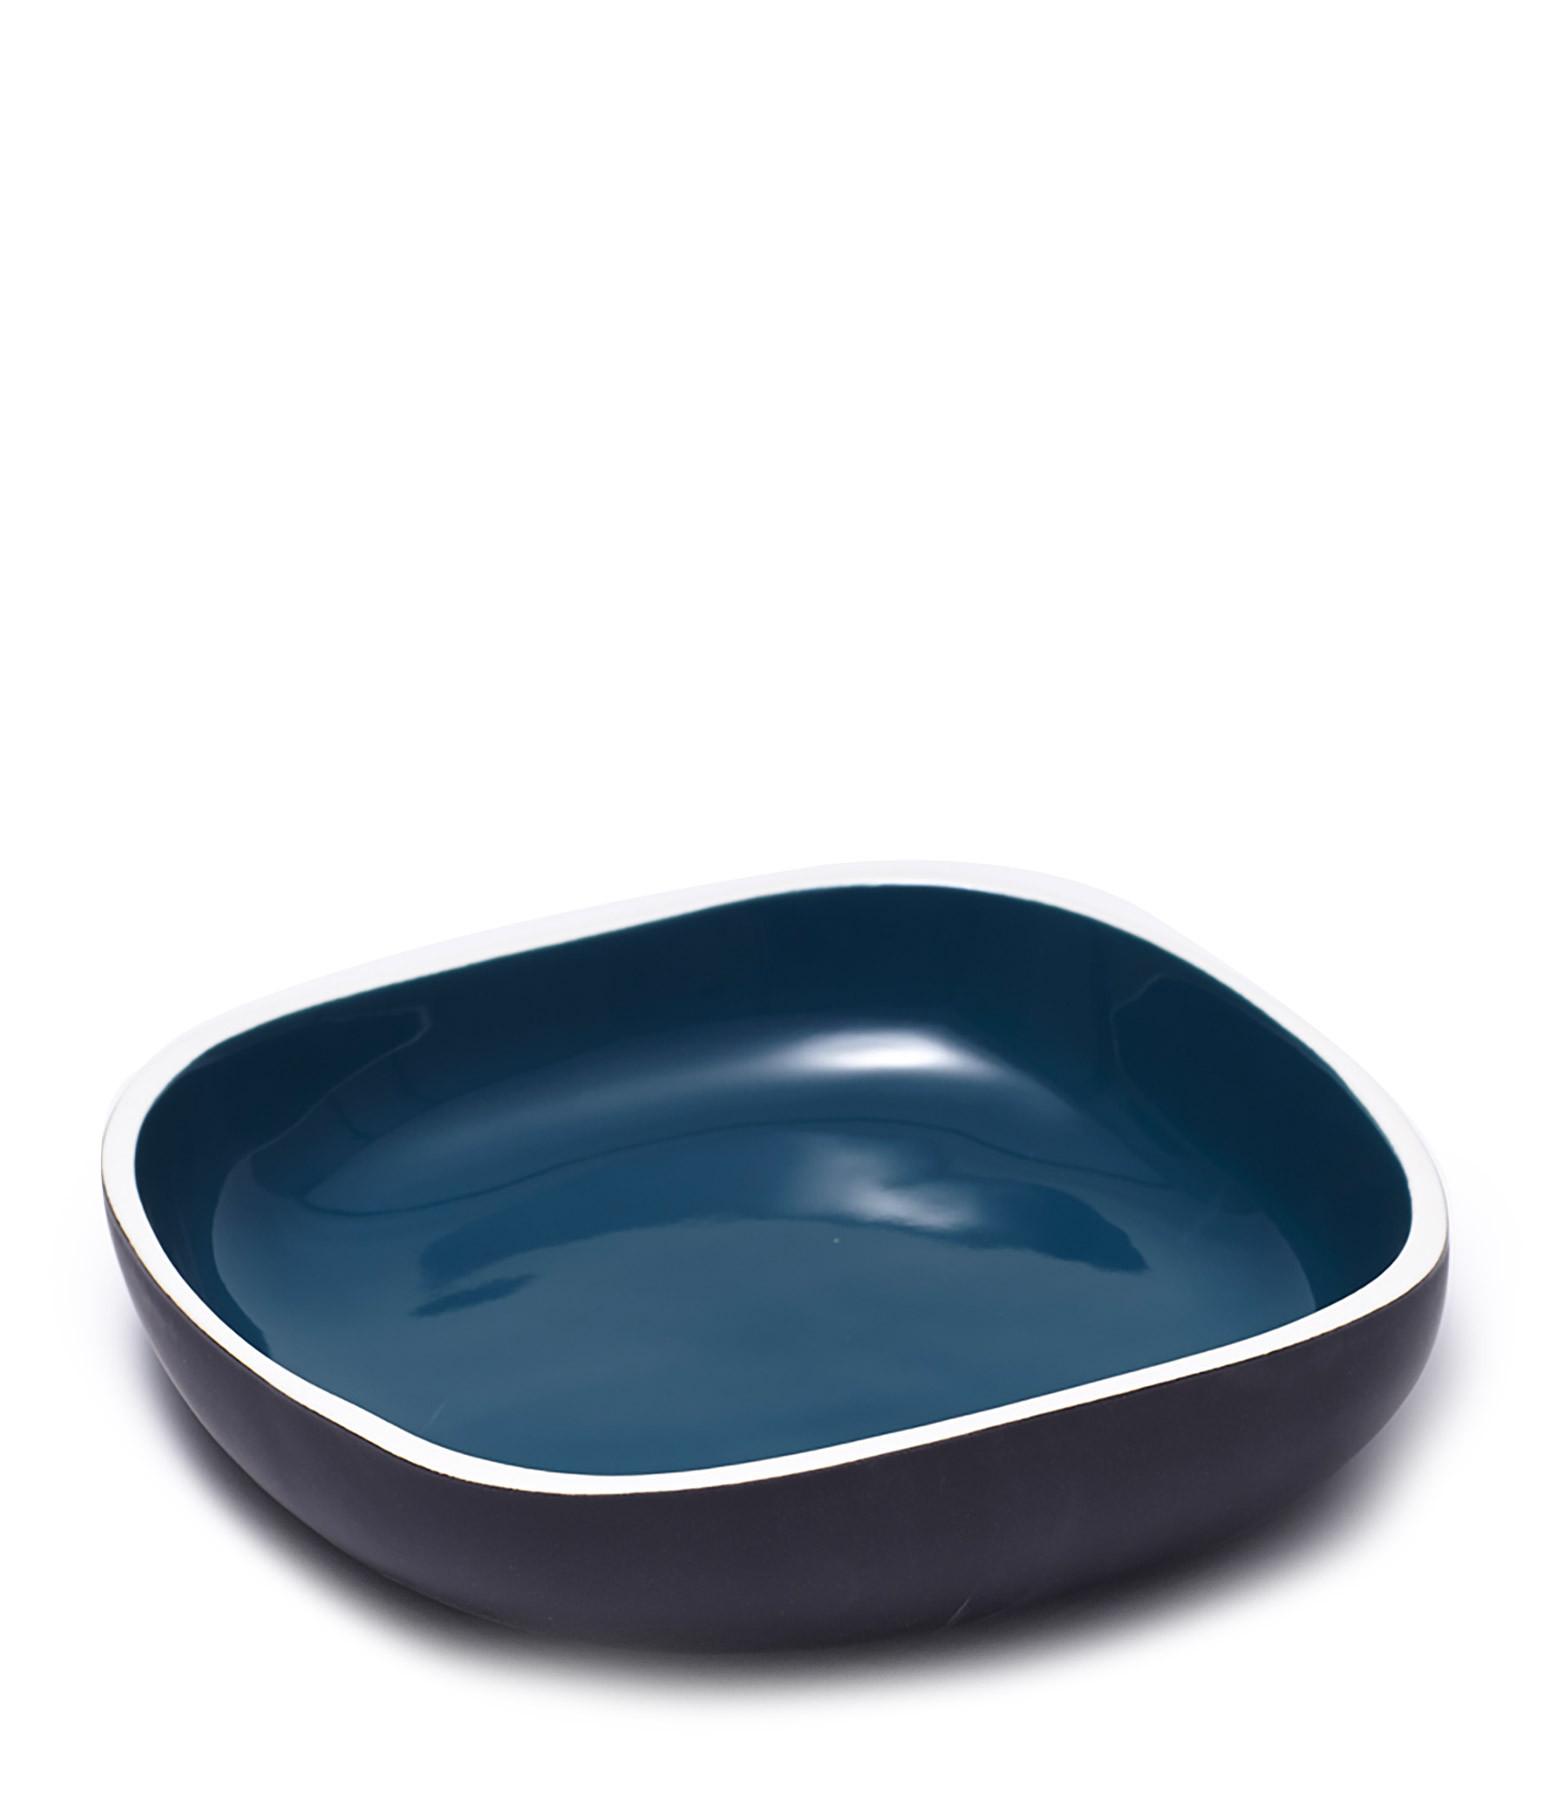 MAISON SARAH LAVOINE - Vide Poche Sicilia Bleu Vintage 25x25cm